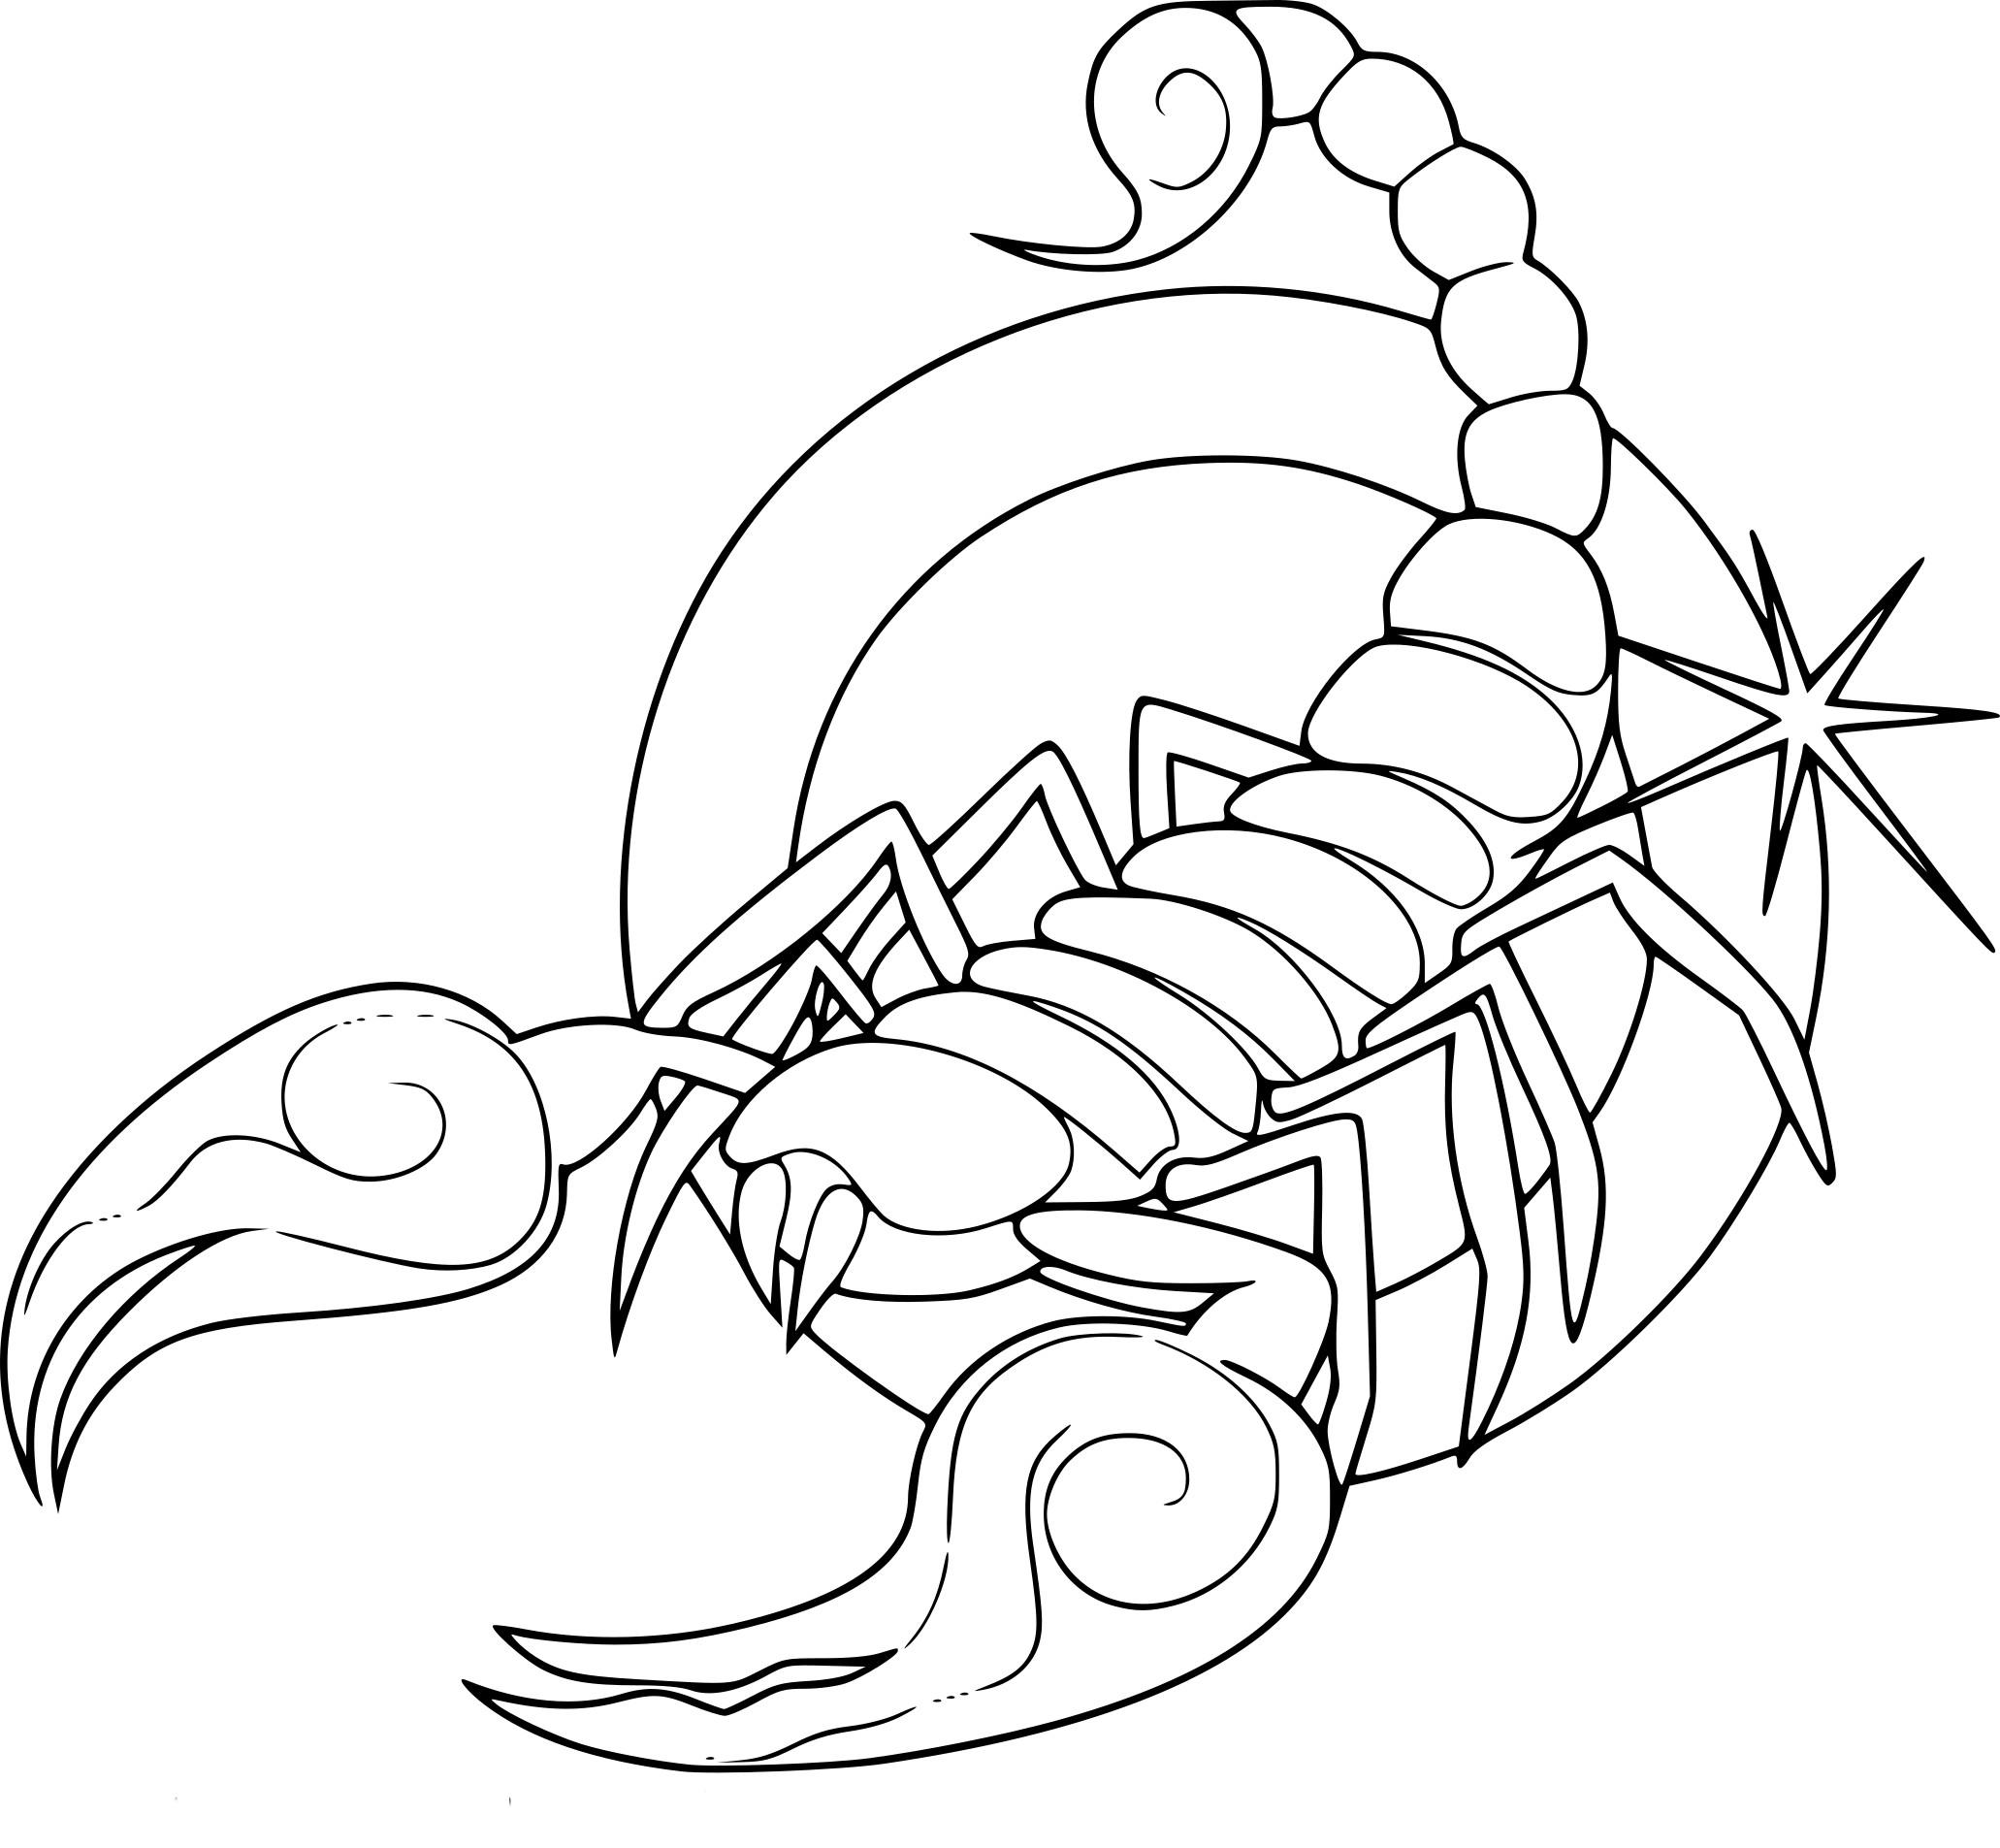 Coloriages à imprimer : Scorpion, numéro : 5a25d7